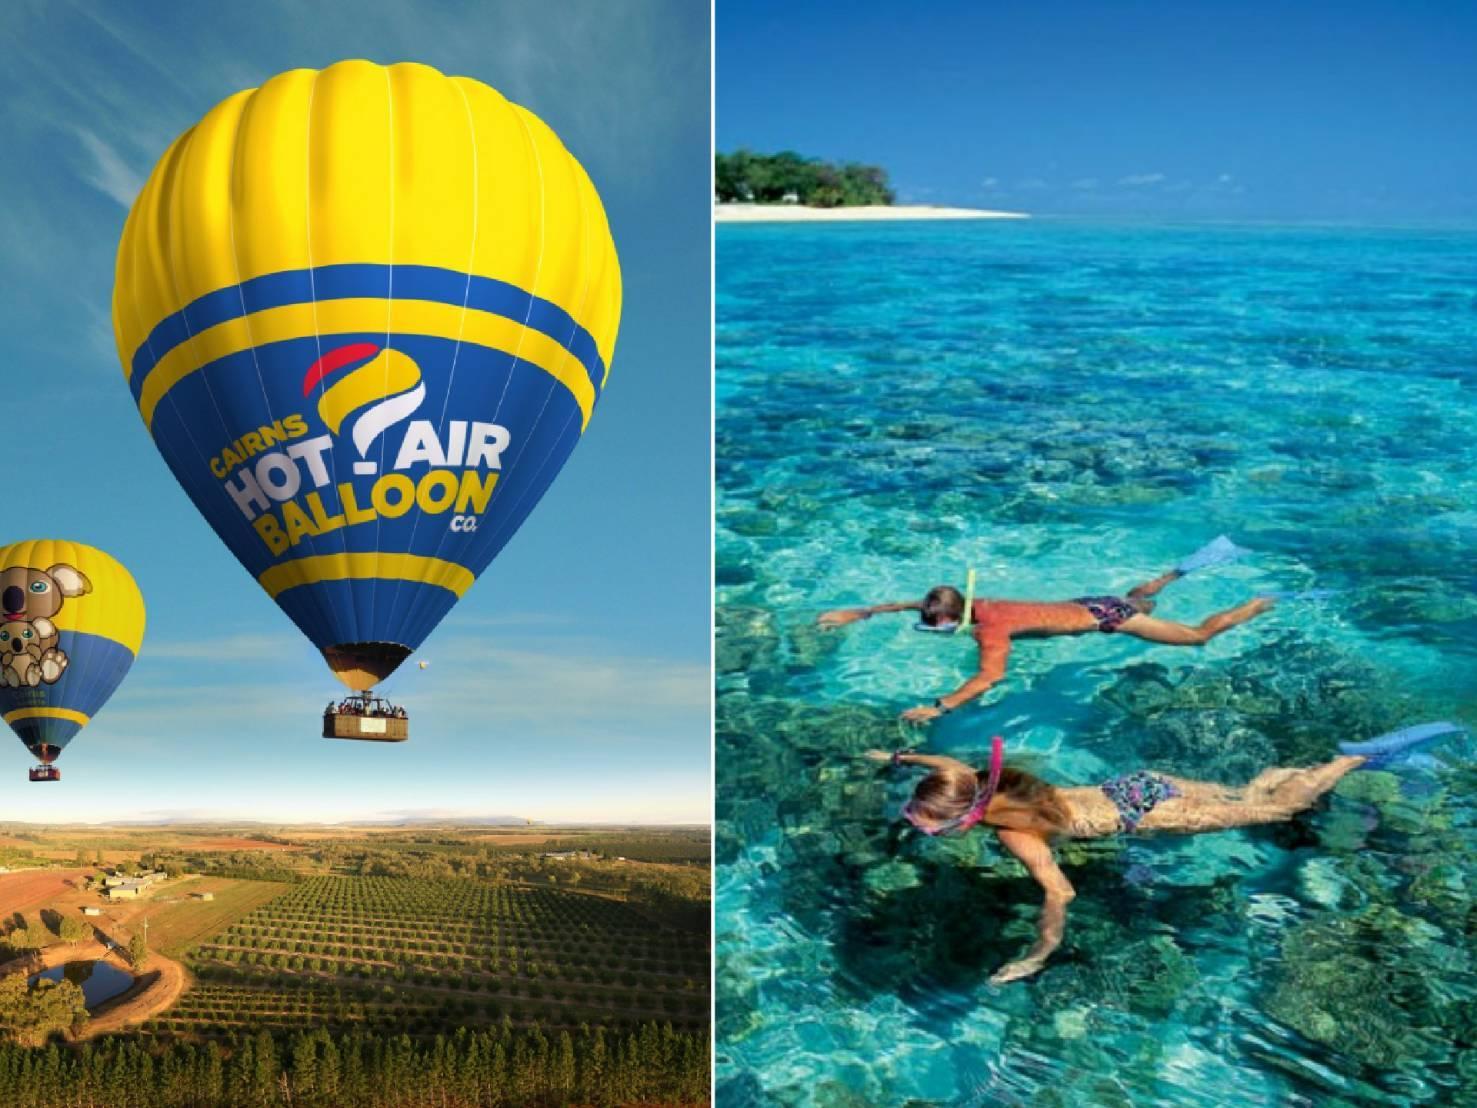 熱気球フライト30分フライト/朝食/シャンパン付き/気球写真USBプレゼント(2019年6月30日まで)+グリーン島クルーズ(シュノーケル/グラスボート)